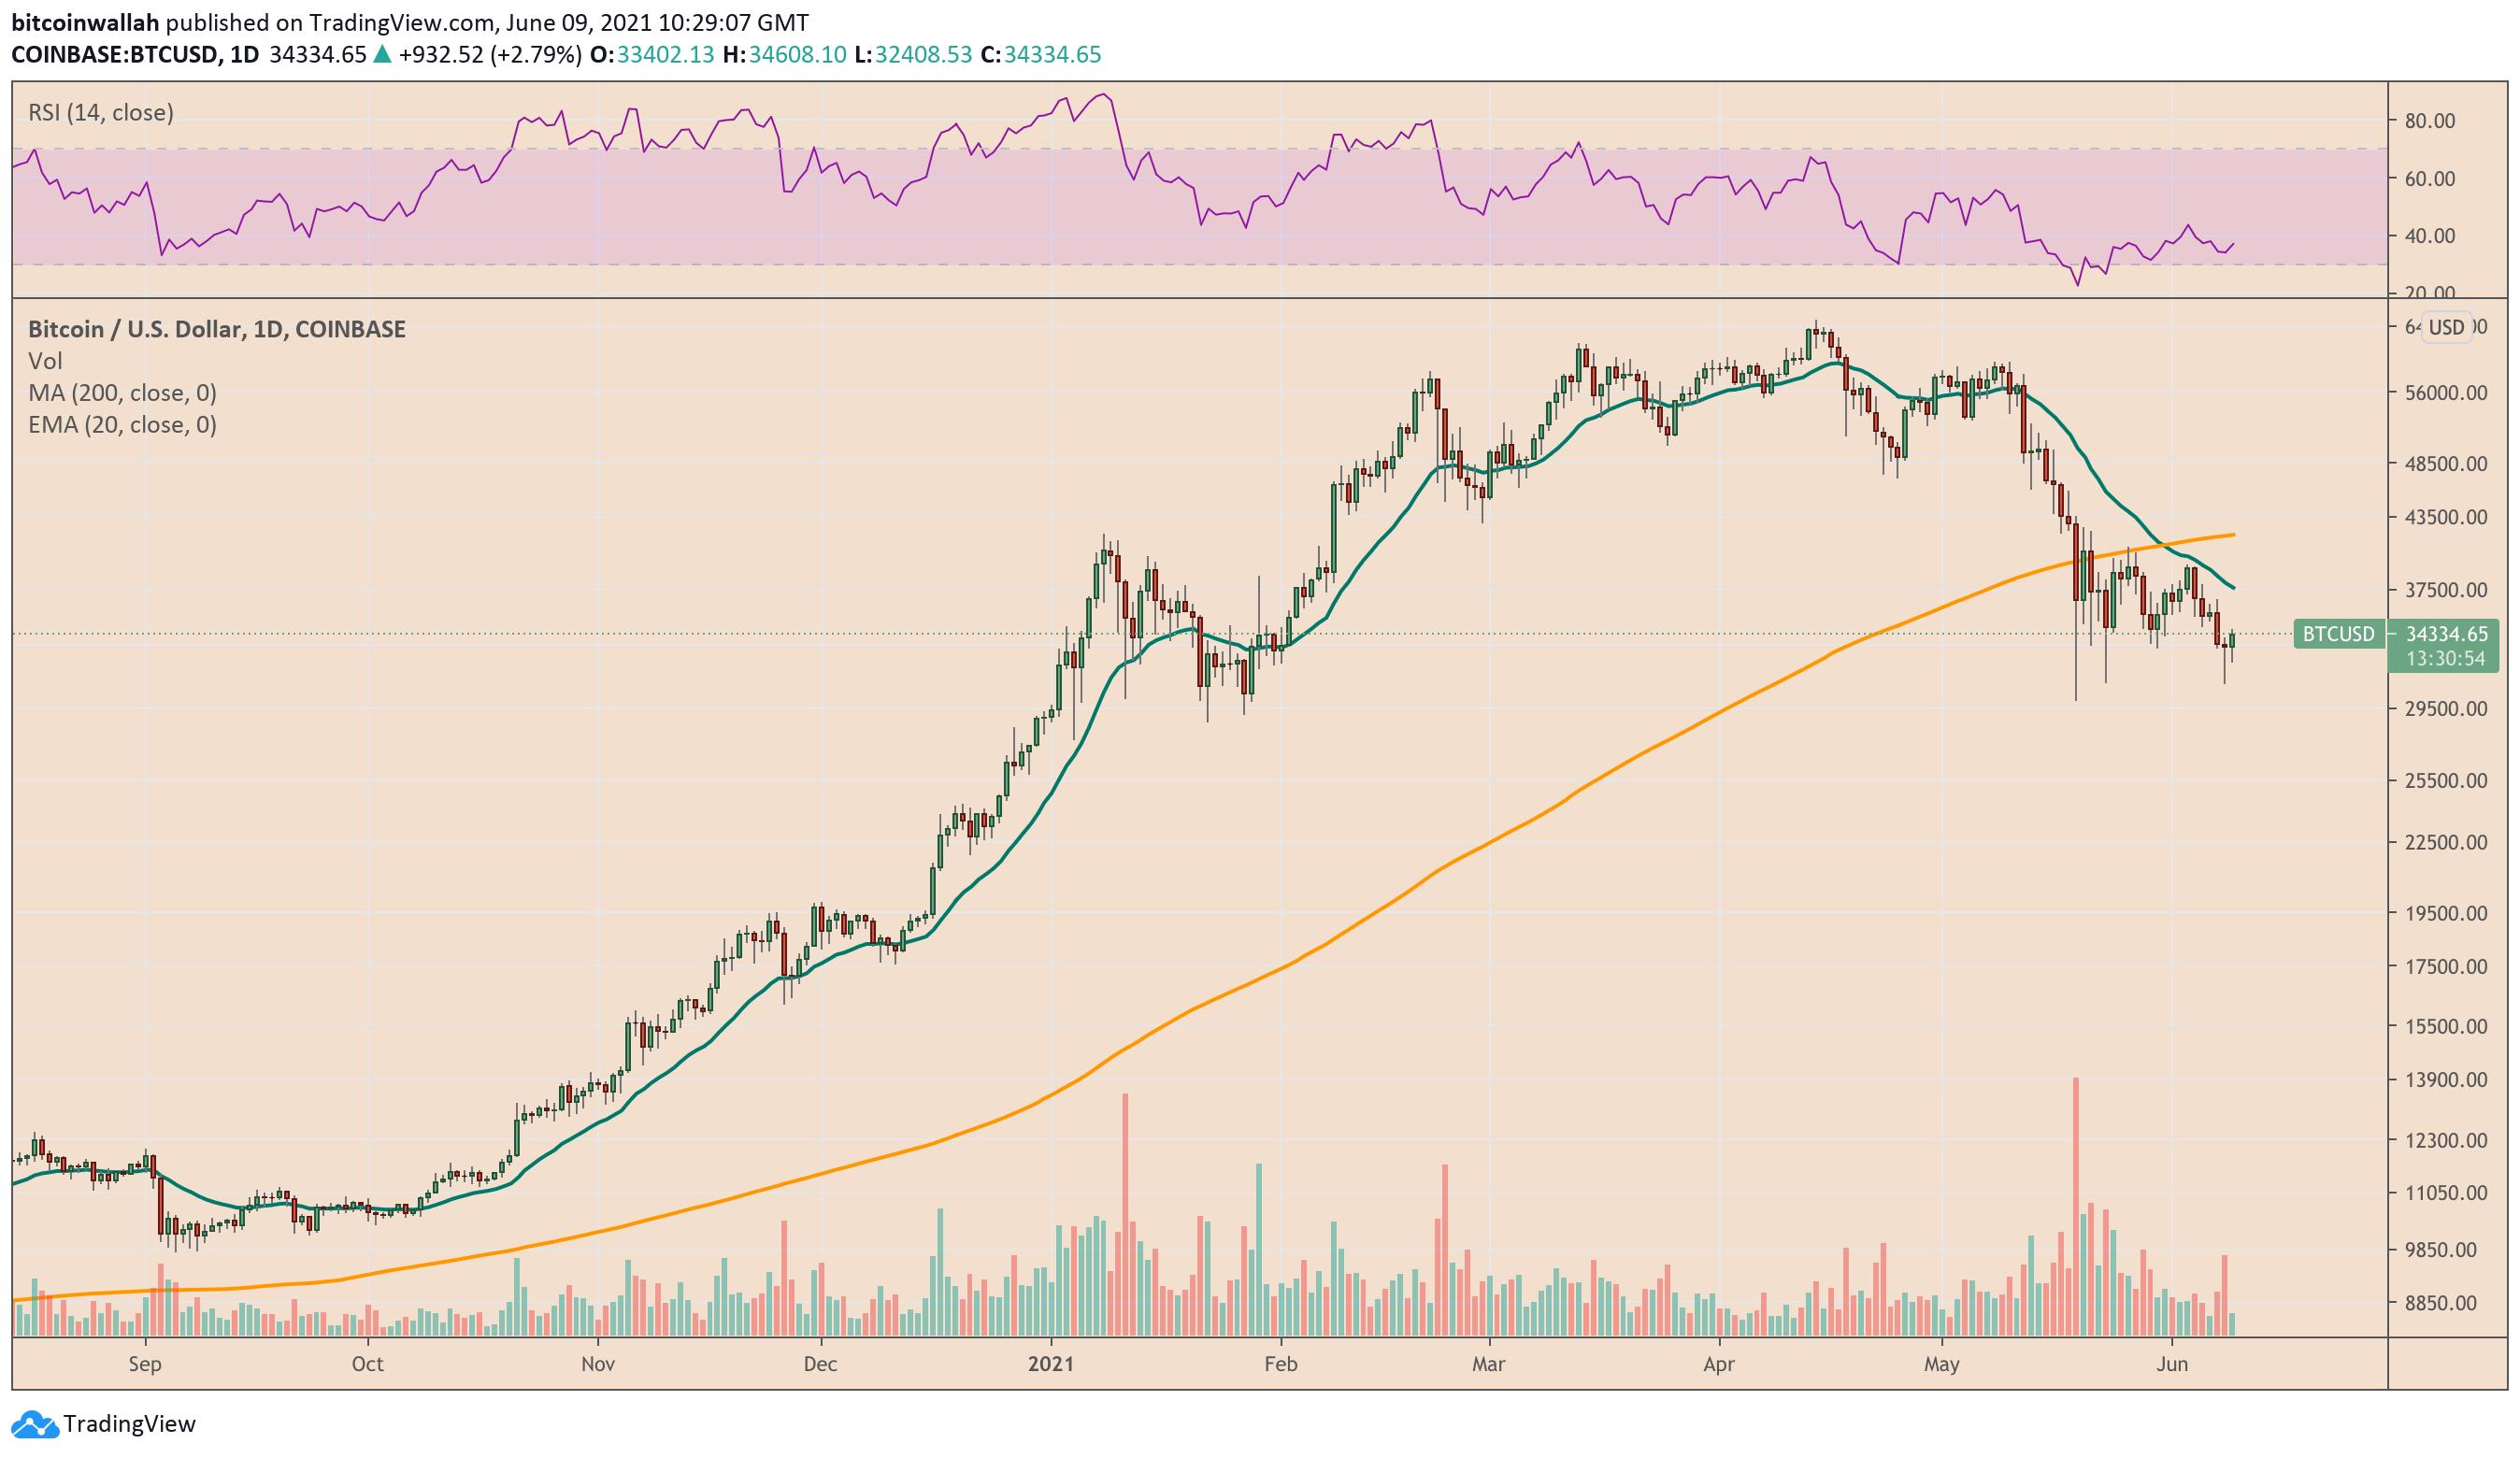 Bitcoin fatica a riconquistare i supporti precedenti (verde e arancione)